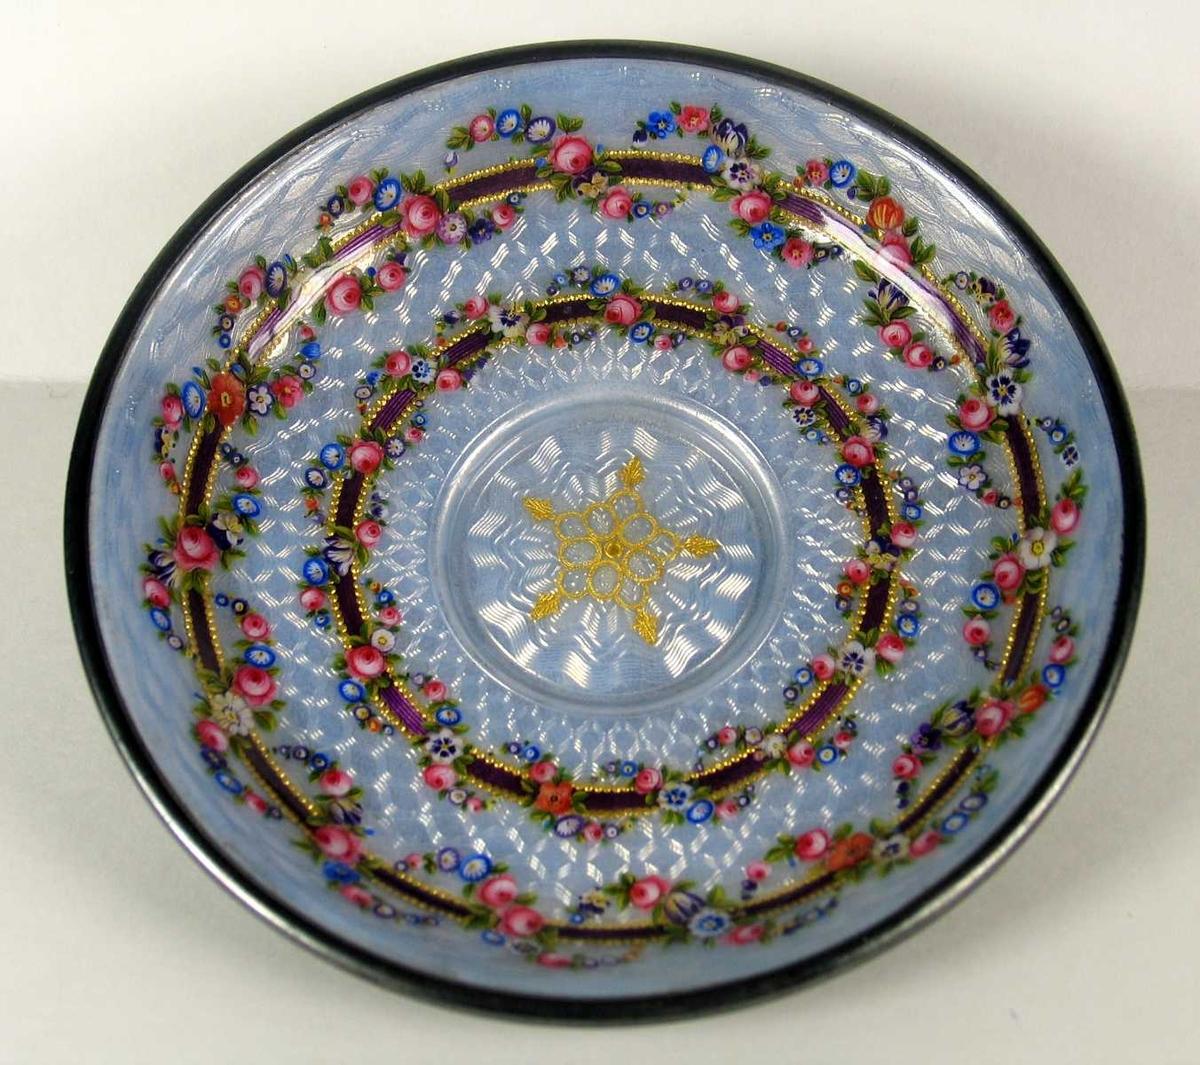 Skål i forsølvet metall og emalje. Den har lys lilla mønstret bunnfarge og to mørk lilla ringer med gullkant. Rundt disse slynger det seg blomsterguirlander. I midten et forgylt ornament.